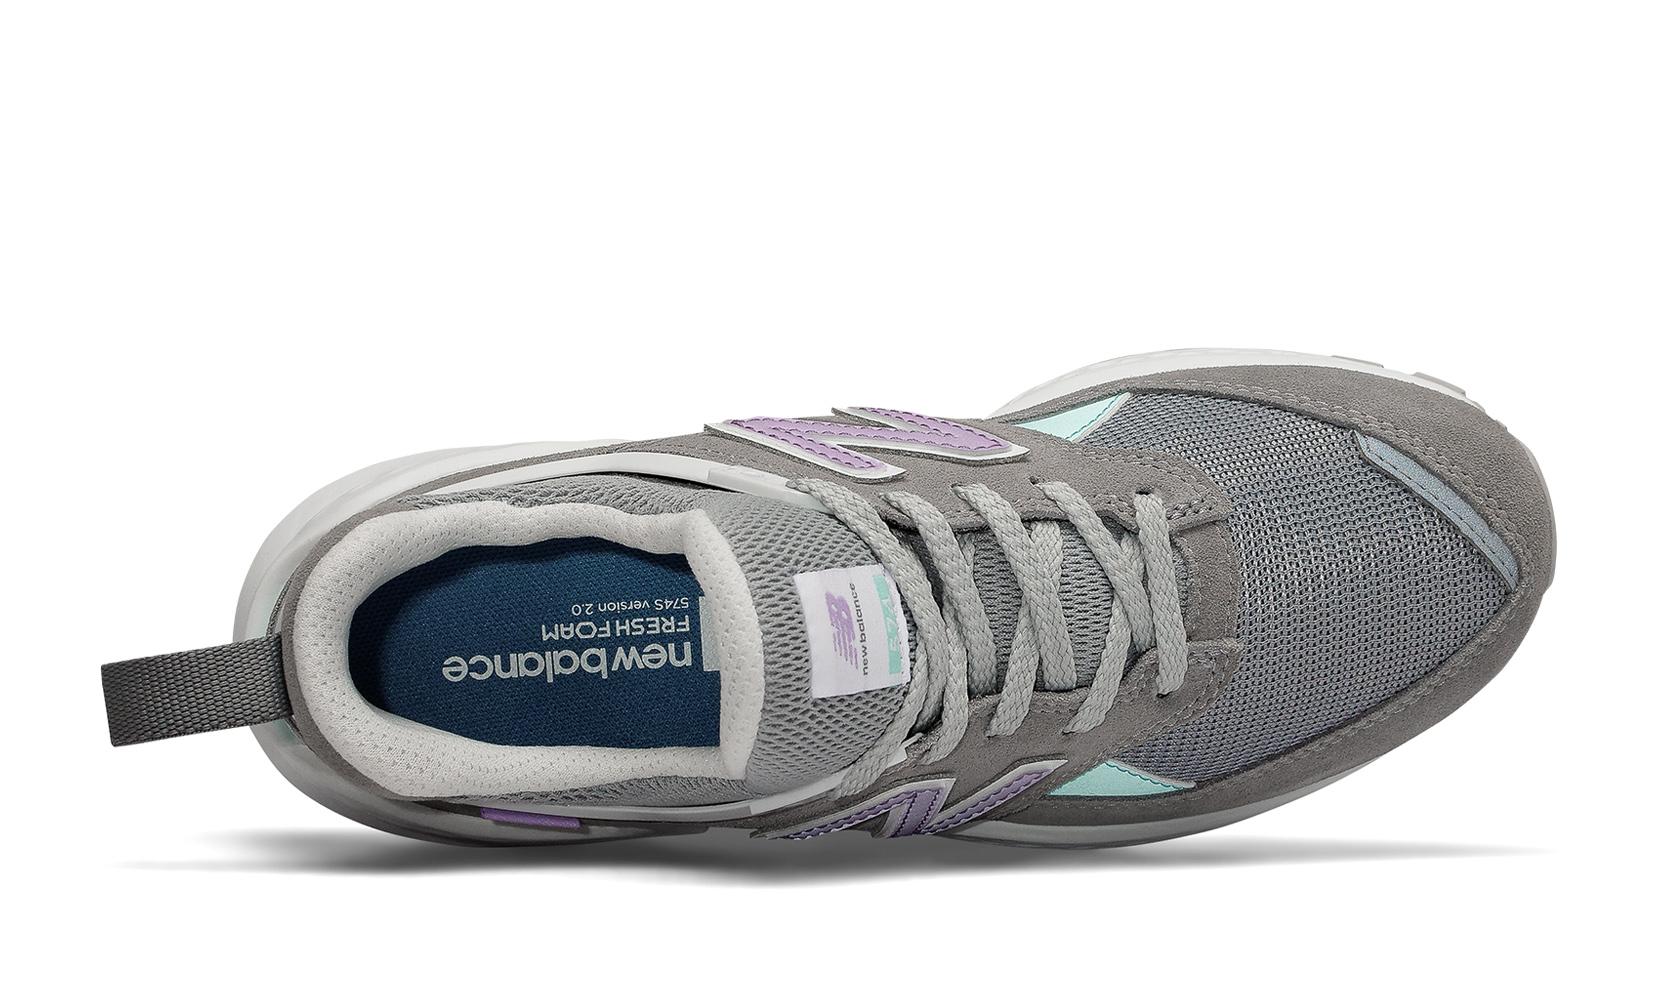 Жіноче взуття повсякденне New Balance 574S V2.0 WS574PRC | New Balance